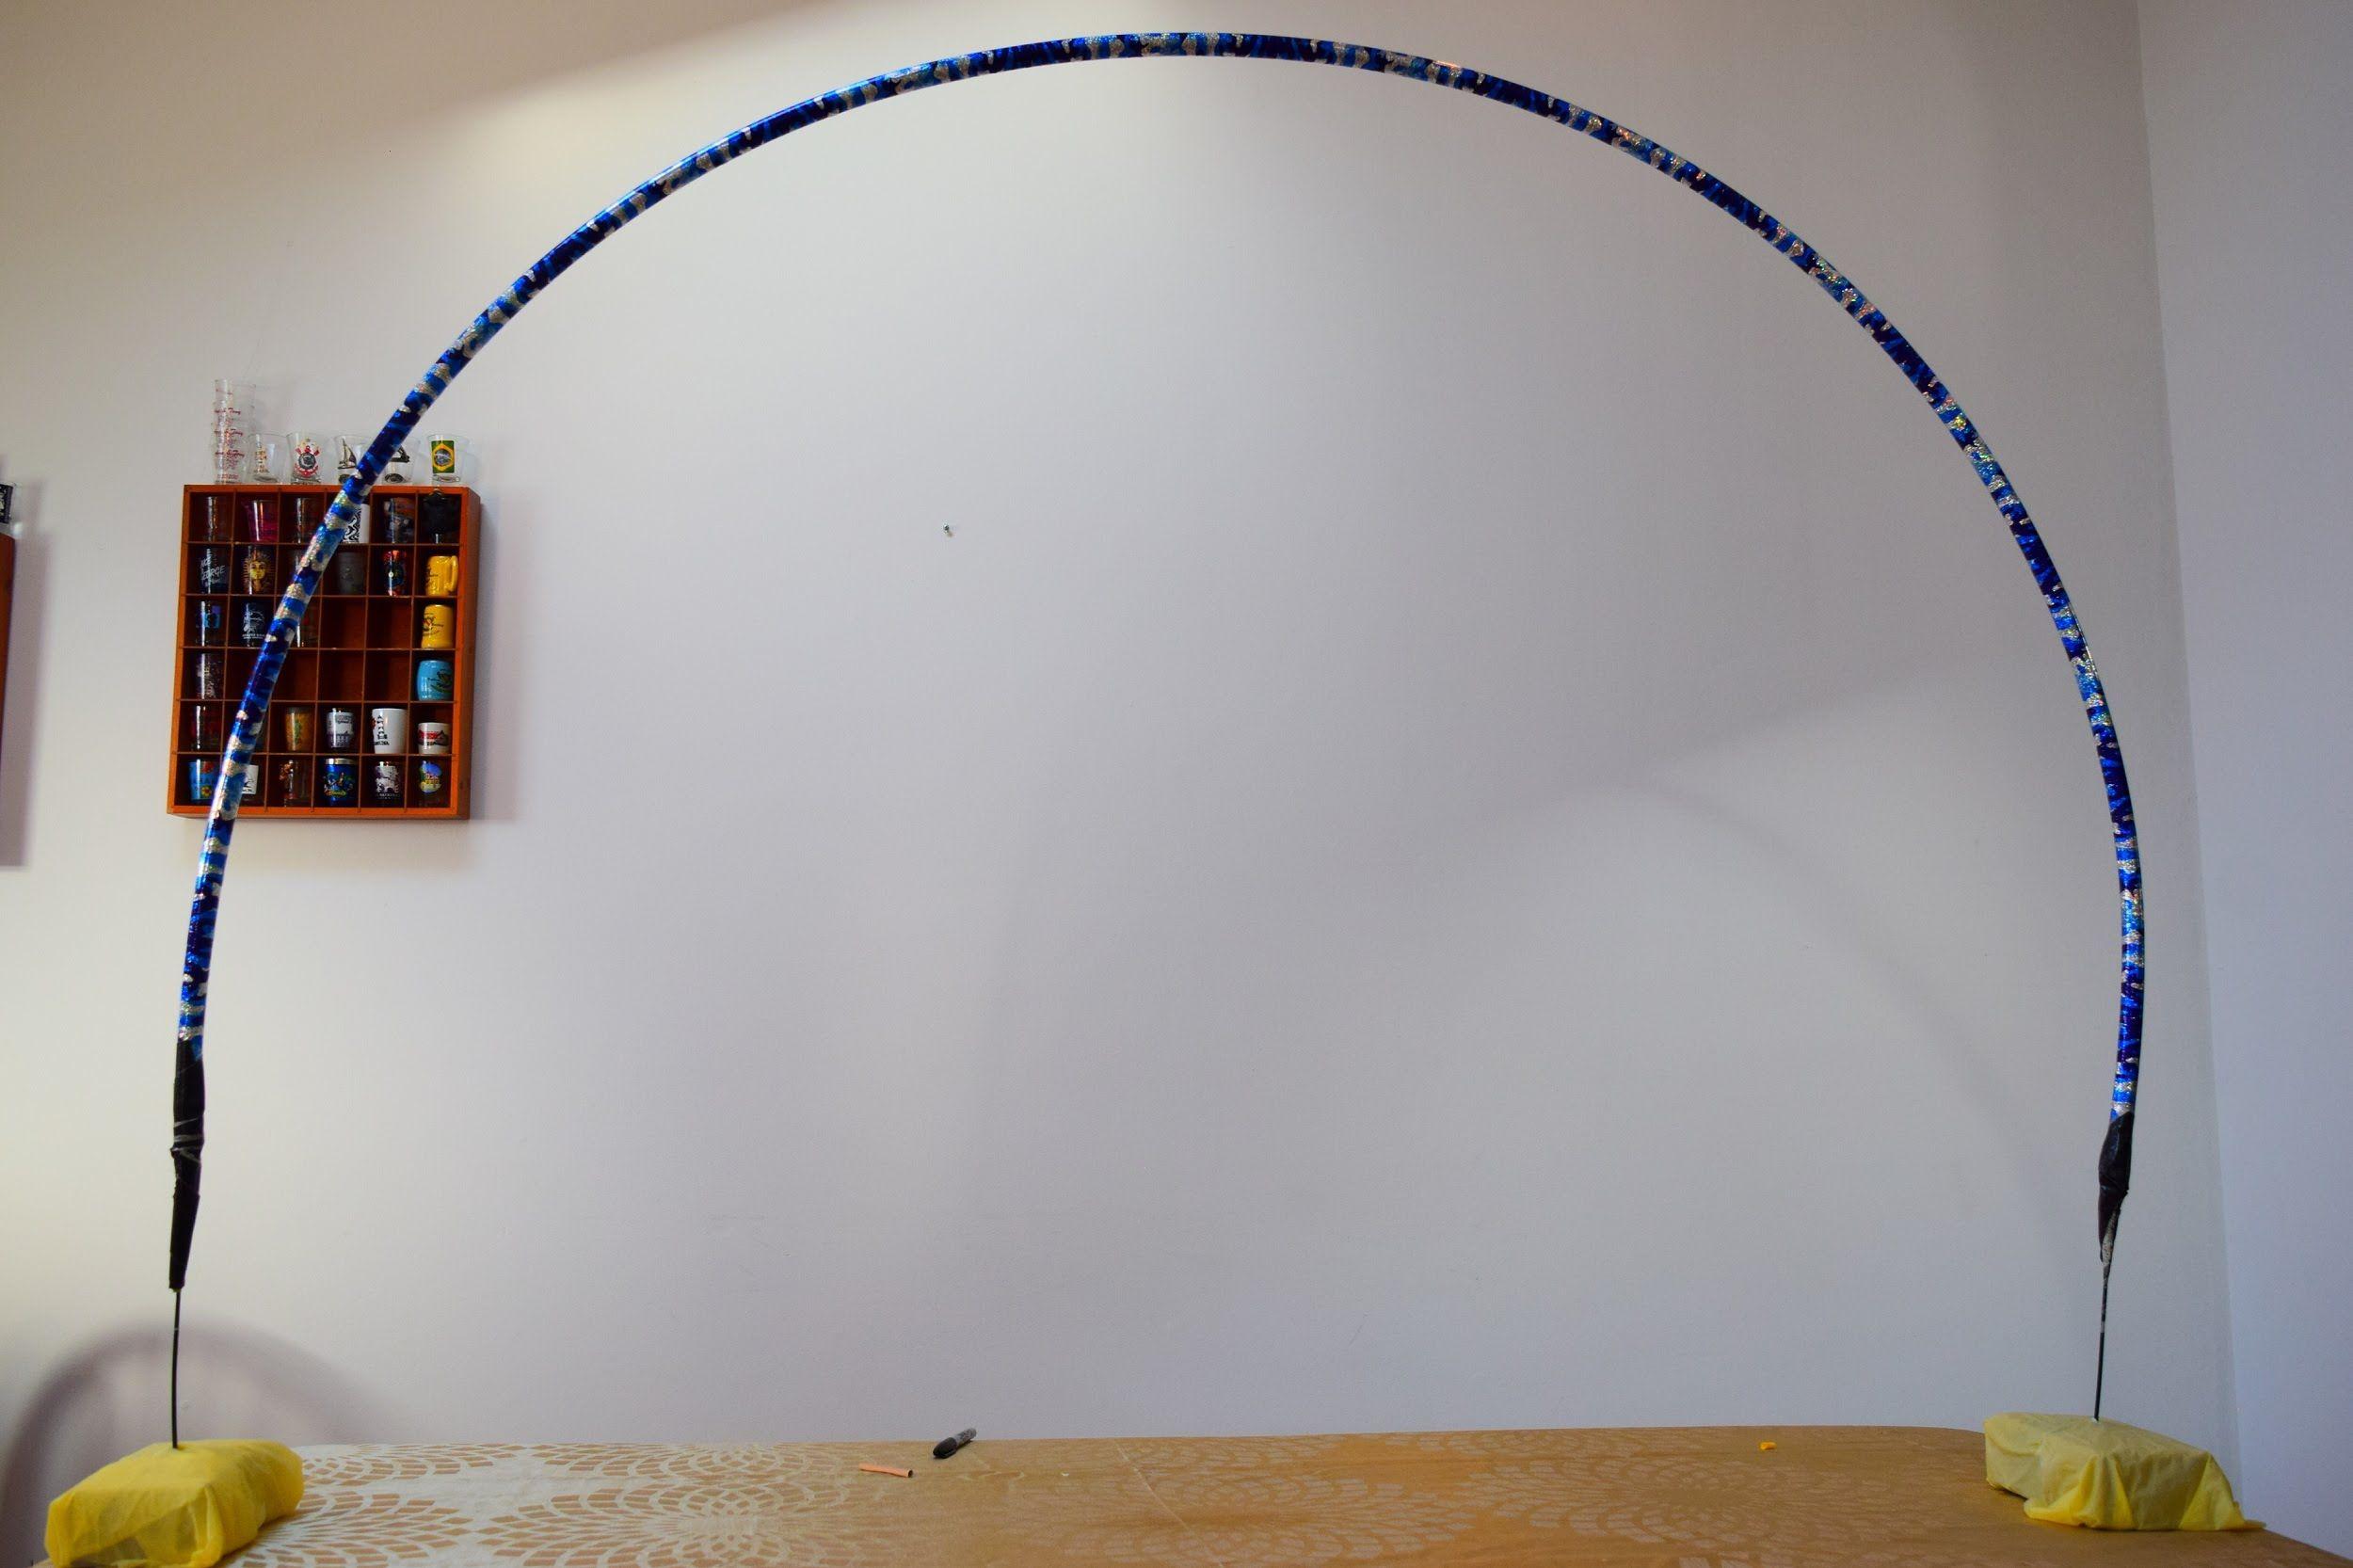 Tutorial Como Fazer Uma Estrutura Para Arco De Baloes Facil E